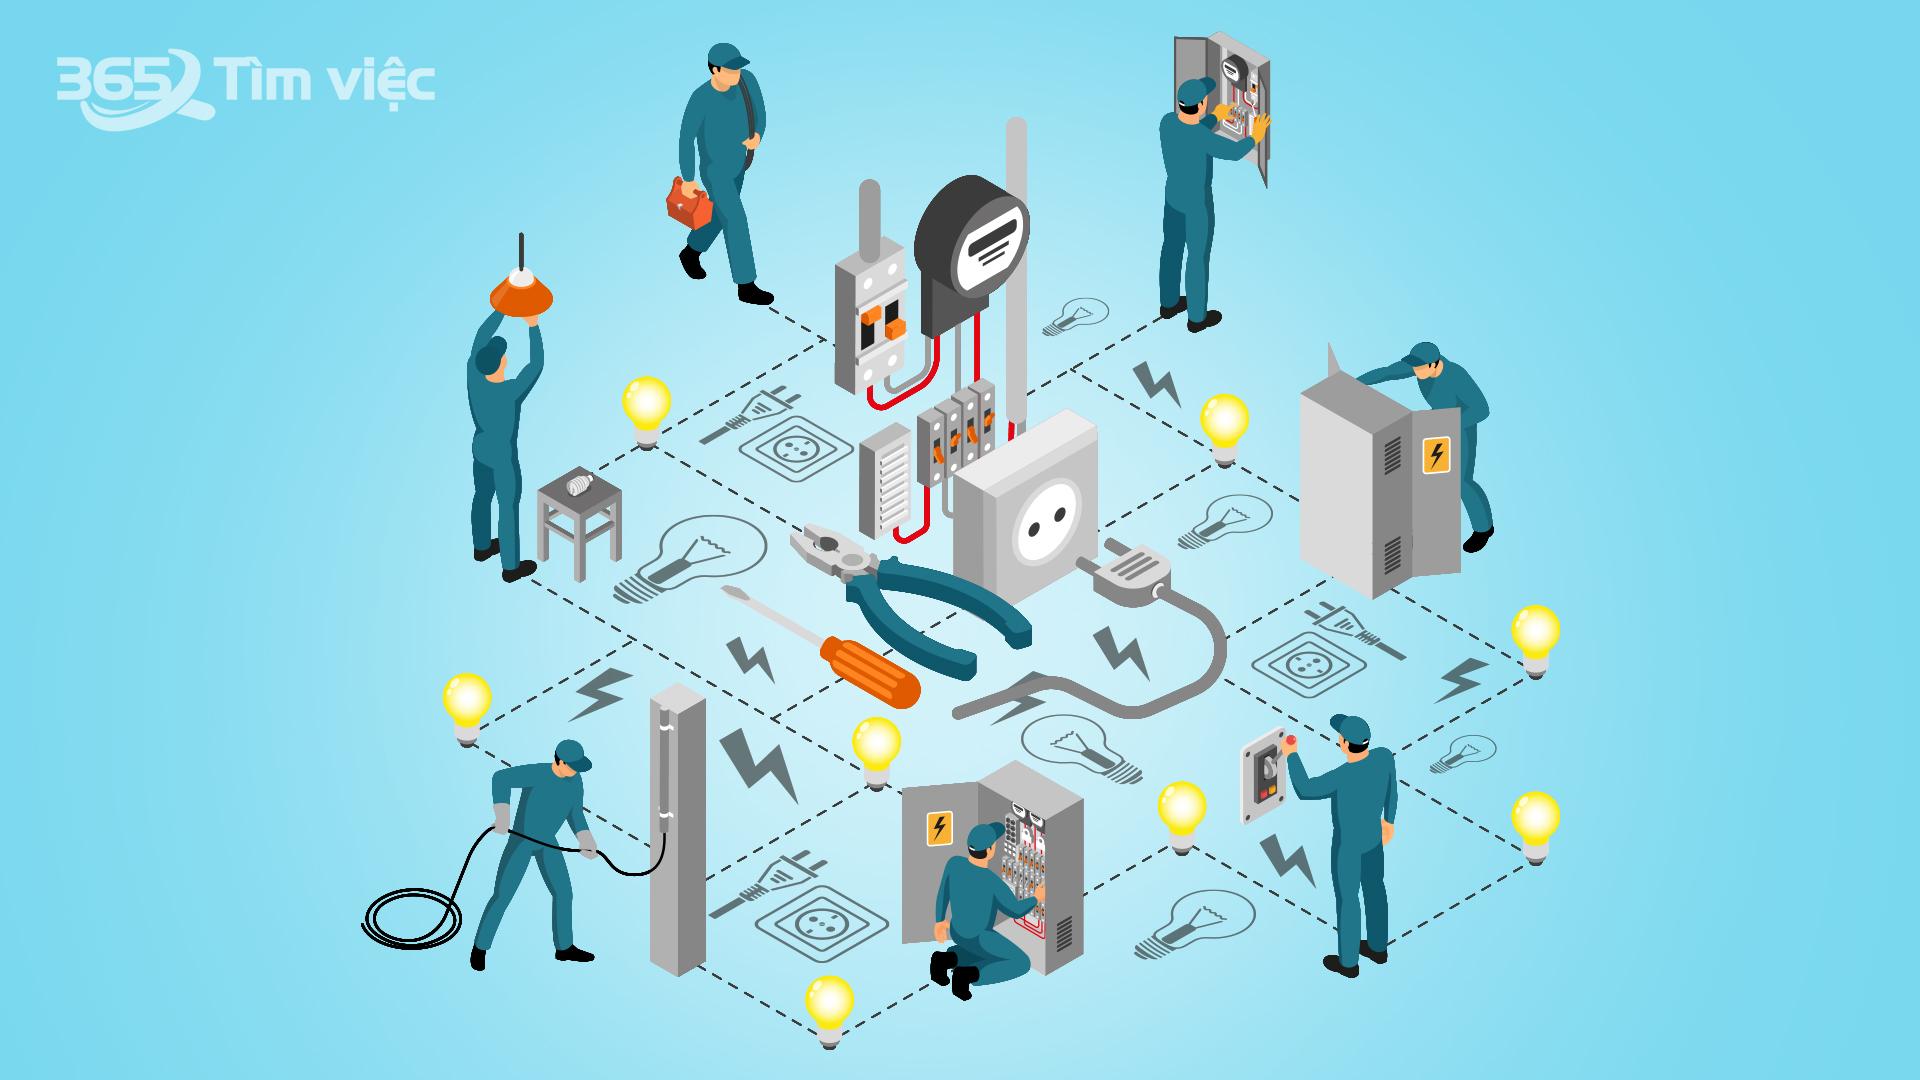 Câu hỏi phỏng vấn kỹ sư điện - trọn bộ thông tin và gợi ý trả lời